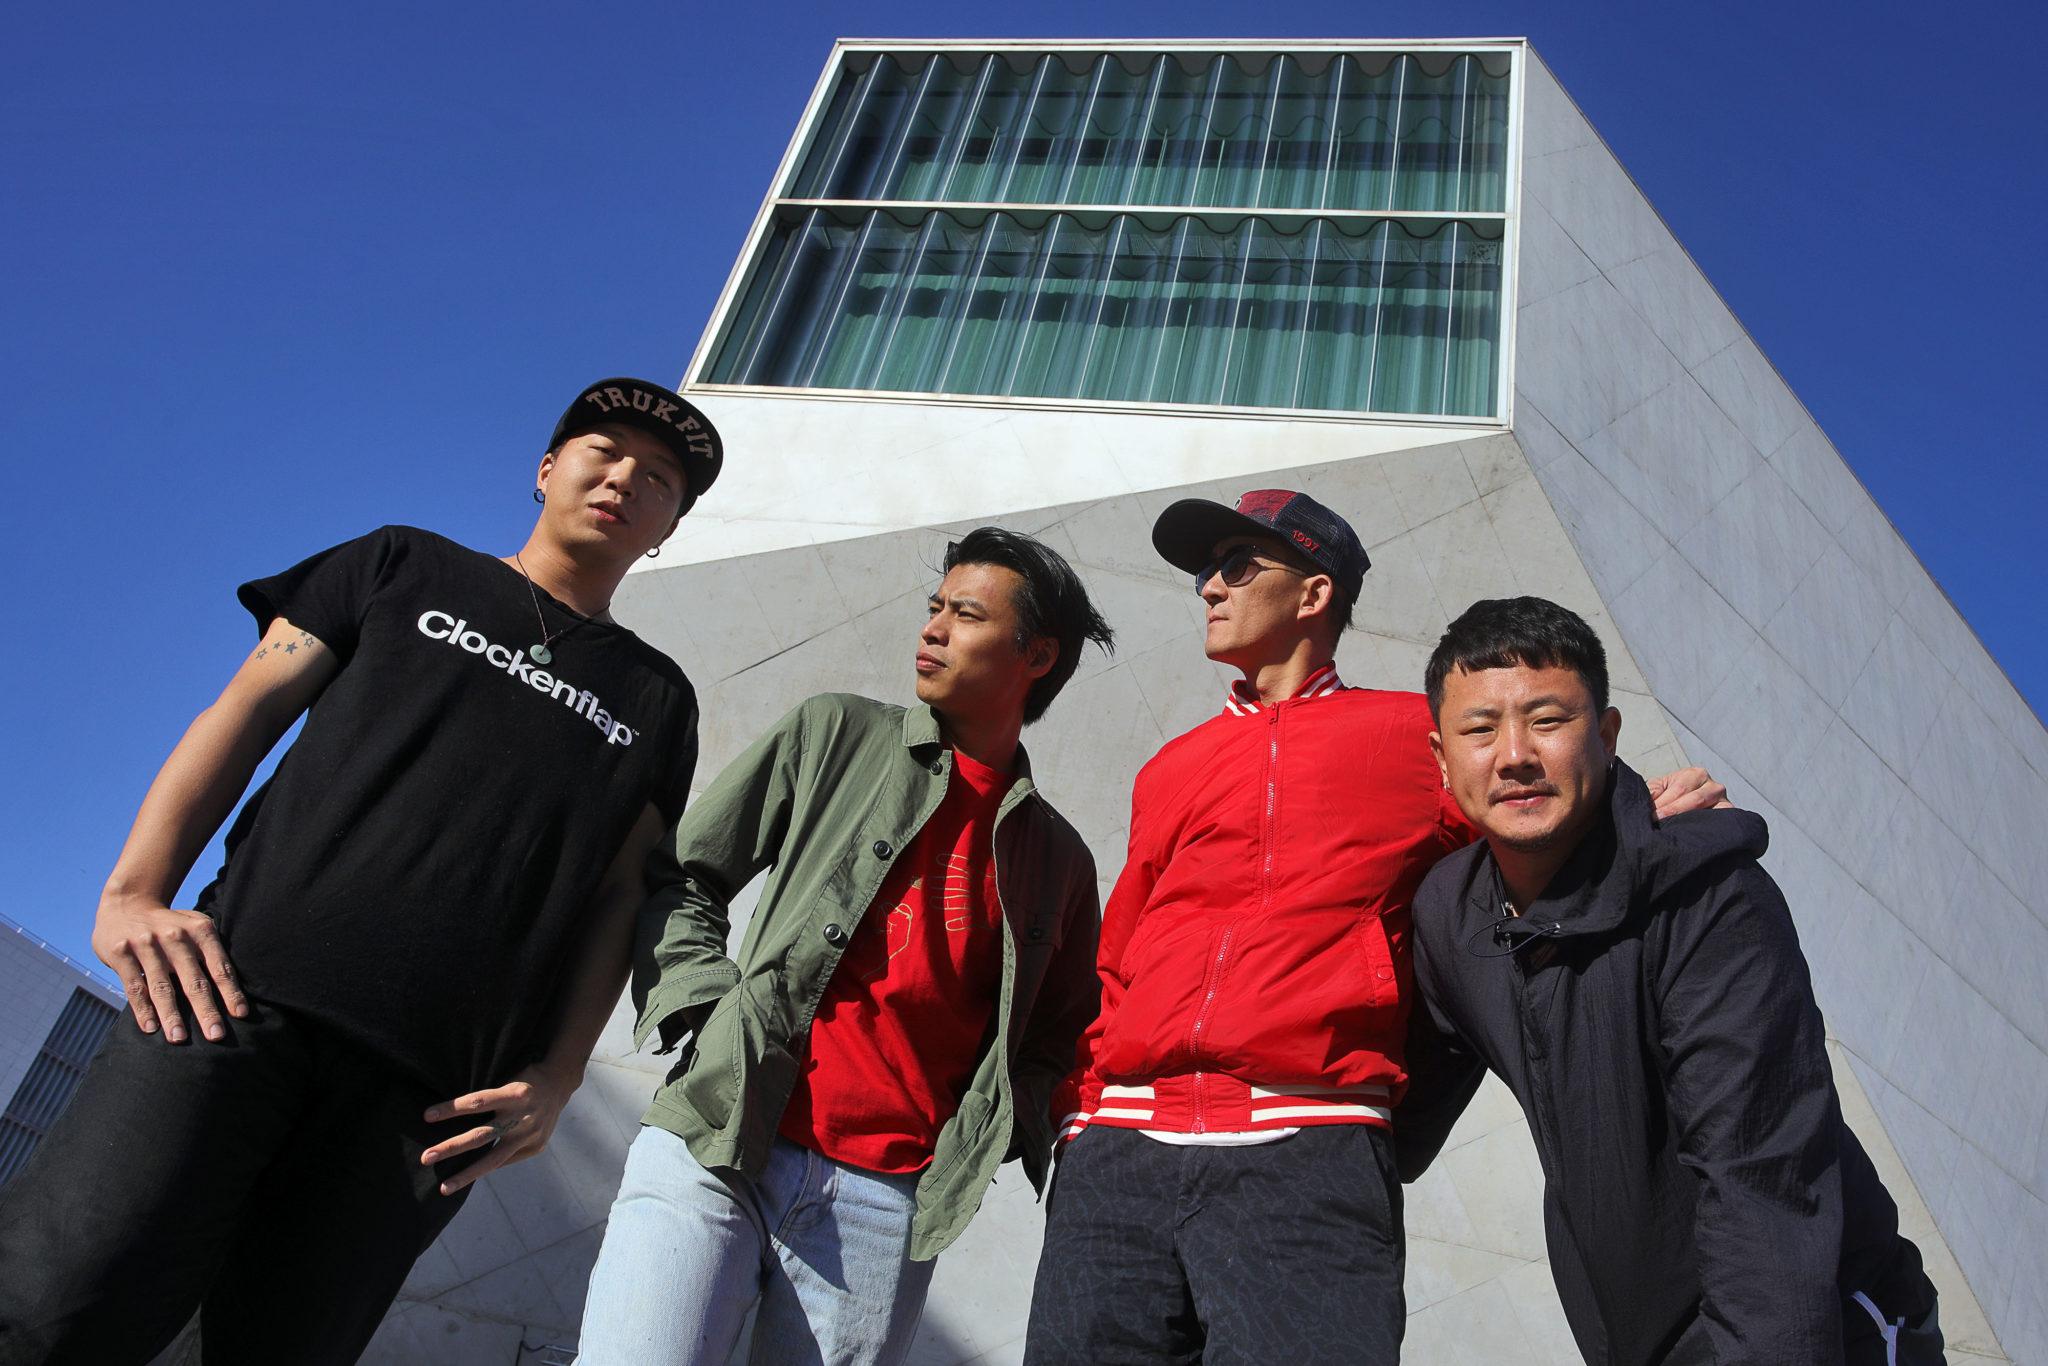 This is My City | Música, cinema e fotografia têm encontro marcado em Macau e Zhuhai